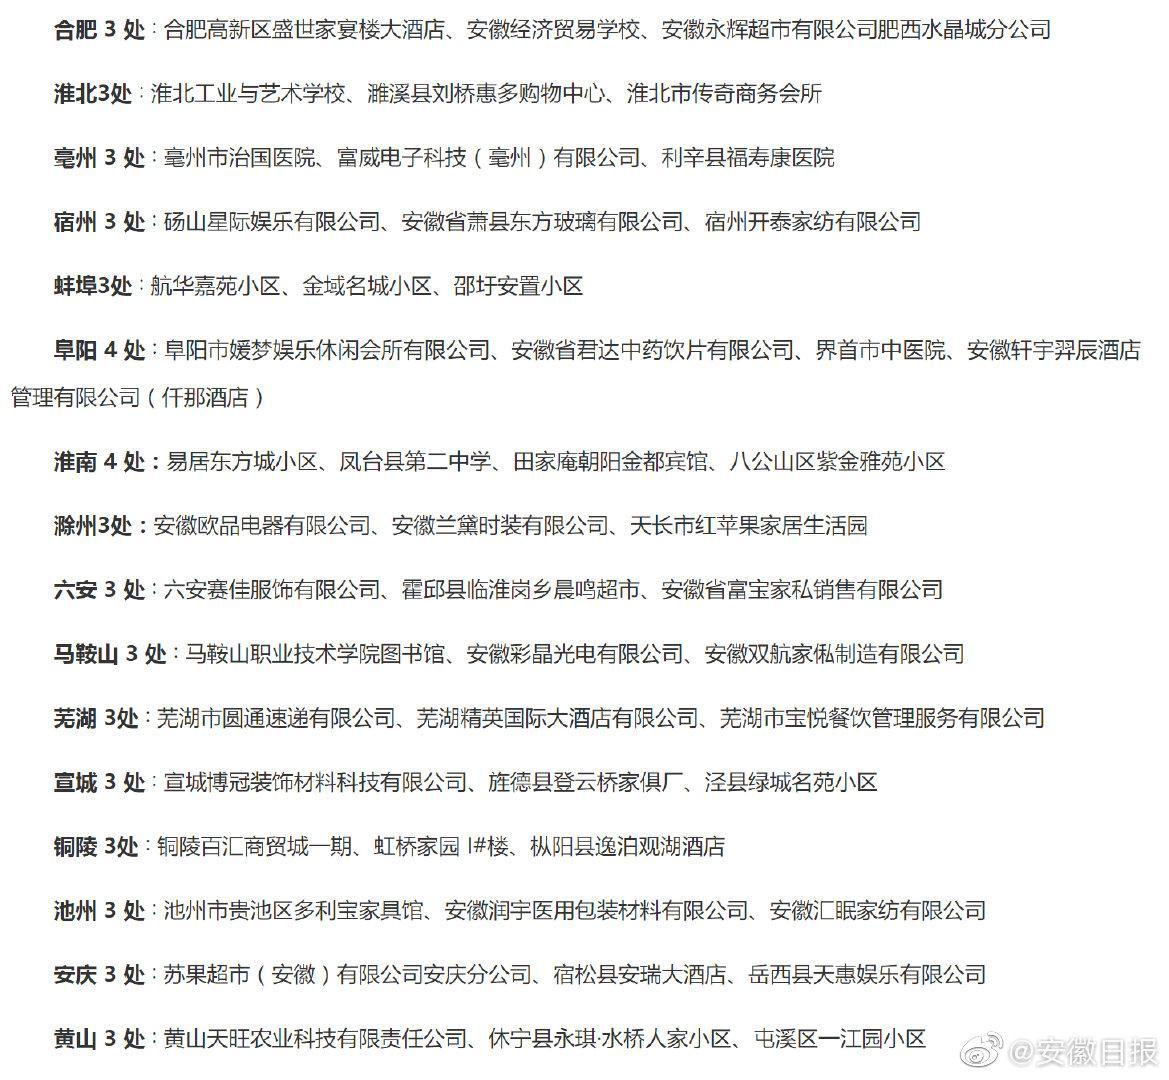 安徽50处重大火灾隐患单位名单:省政府挂牌督办 年底前整改销案